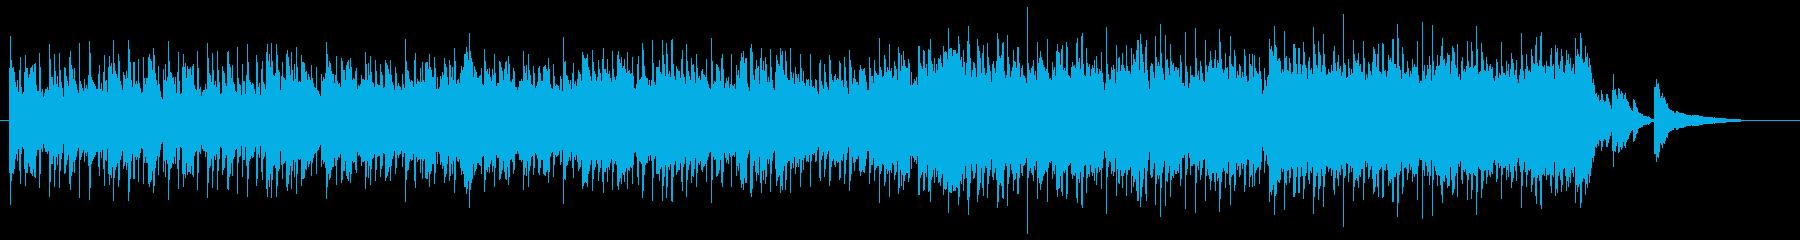 和風インスト3の再生済みの波形